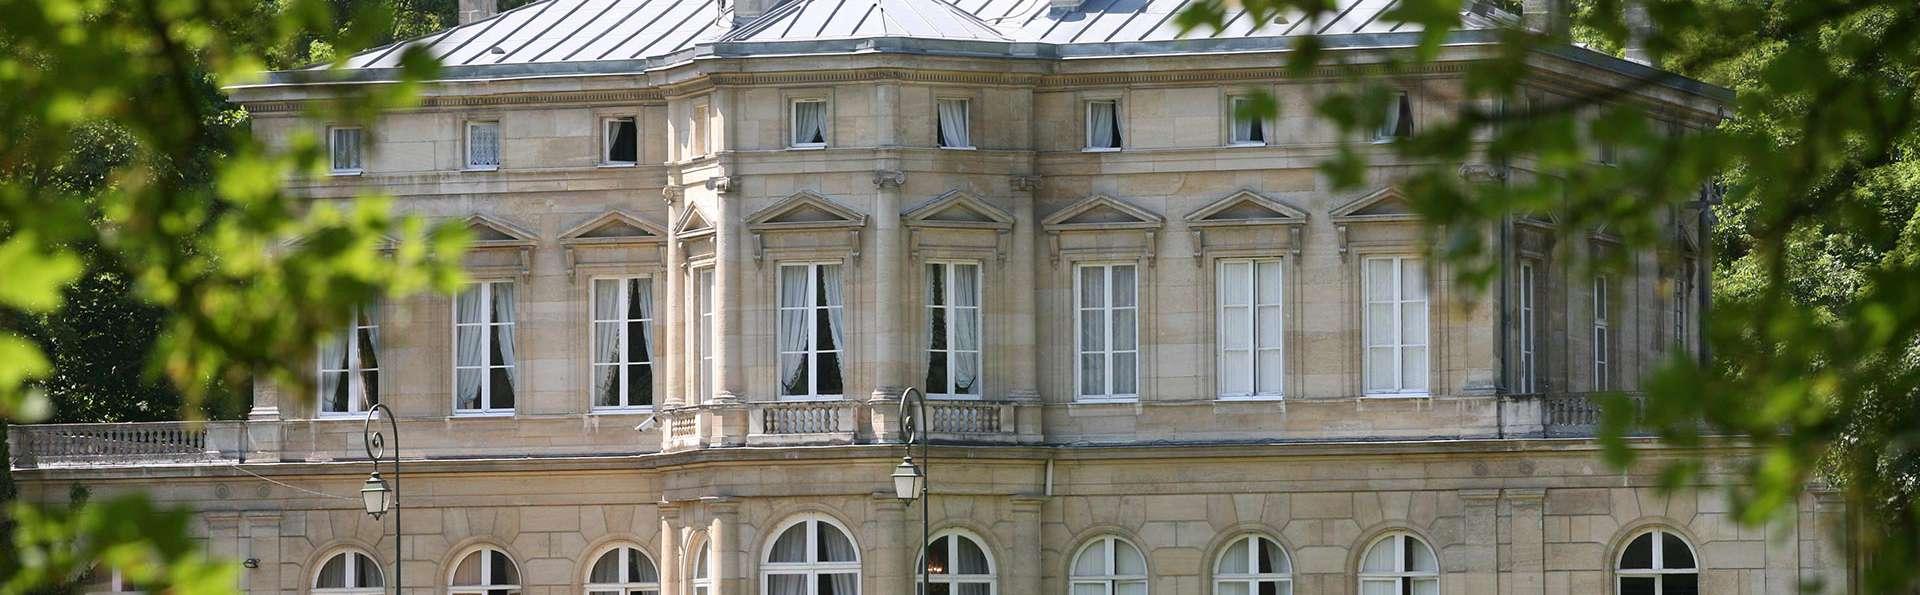 Château de La Motte Fenelon  - Edit_Destination.jpg